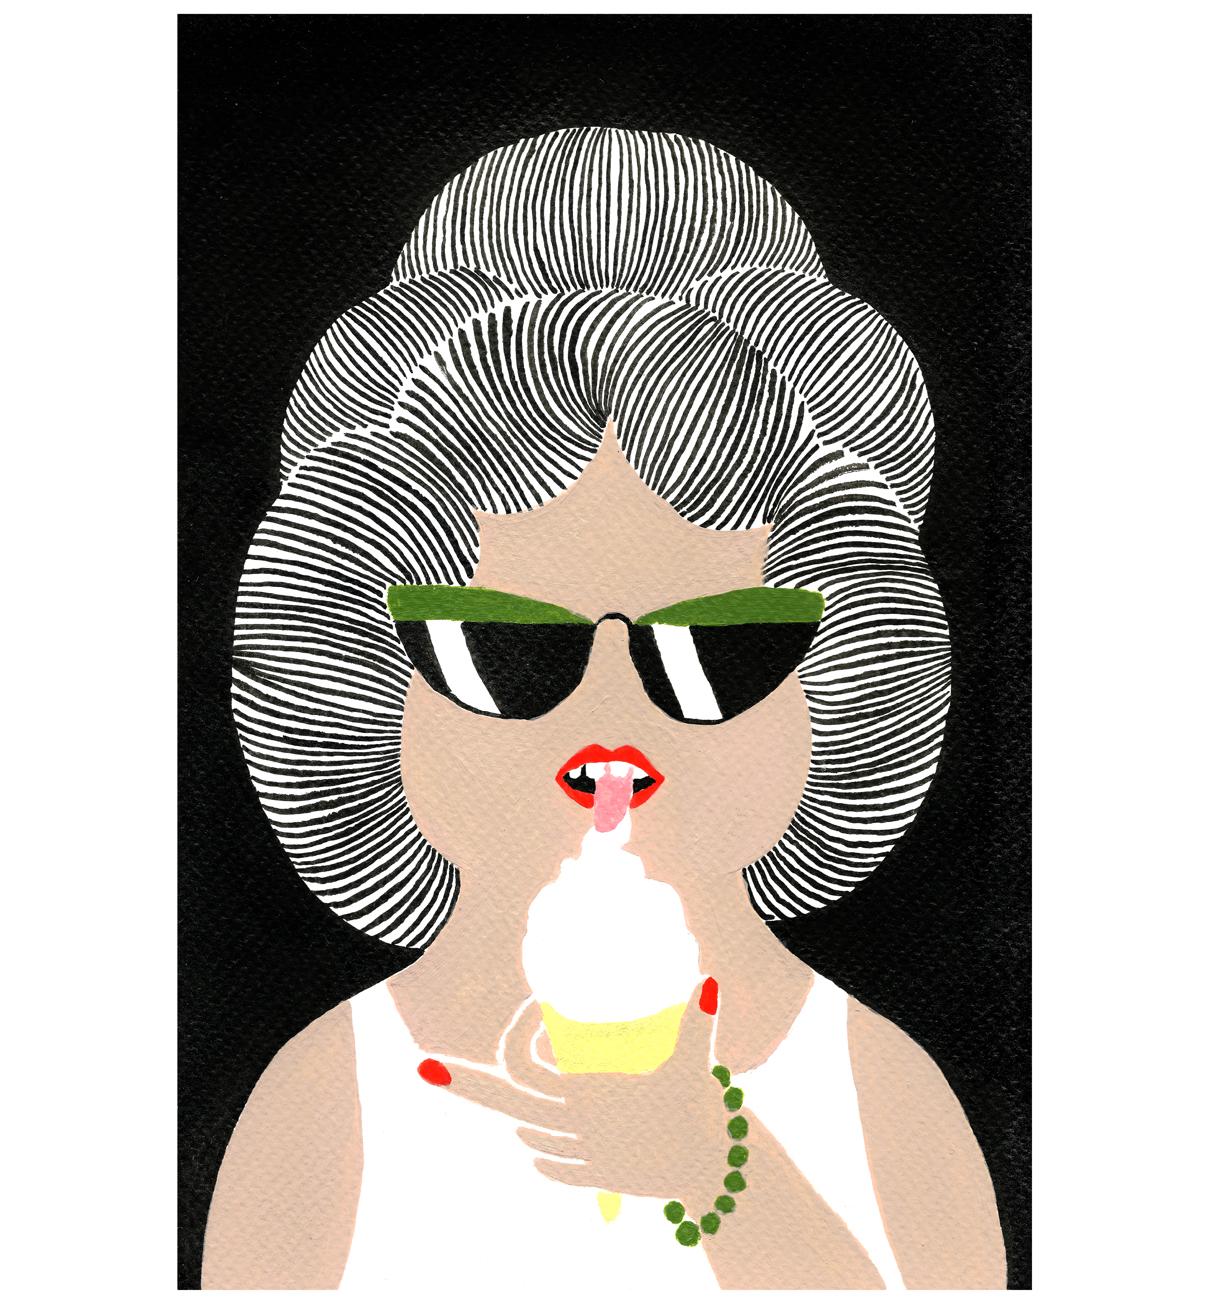 Femme Mange Glace Doigt, 2017, Tinte, Acryl auf Papier, 15,4 x 23,5 cm